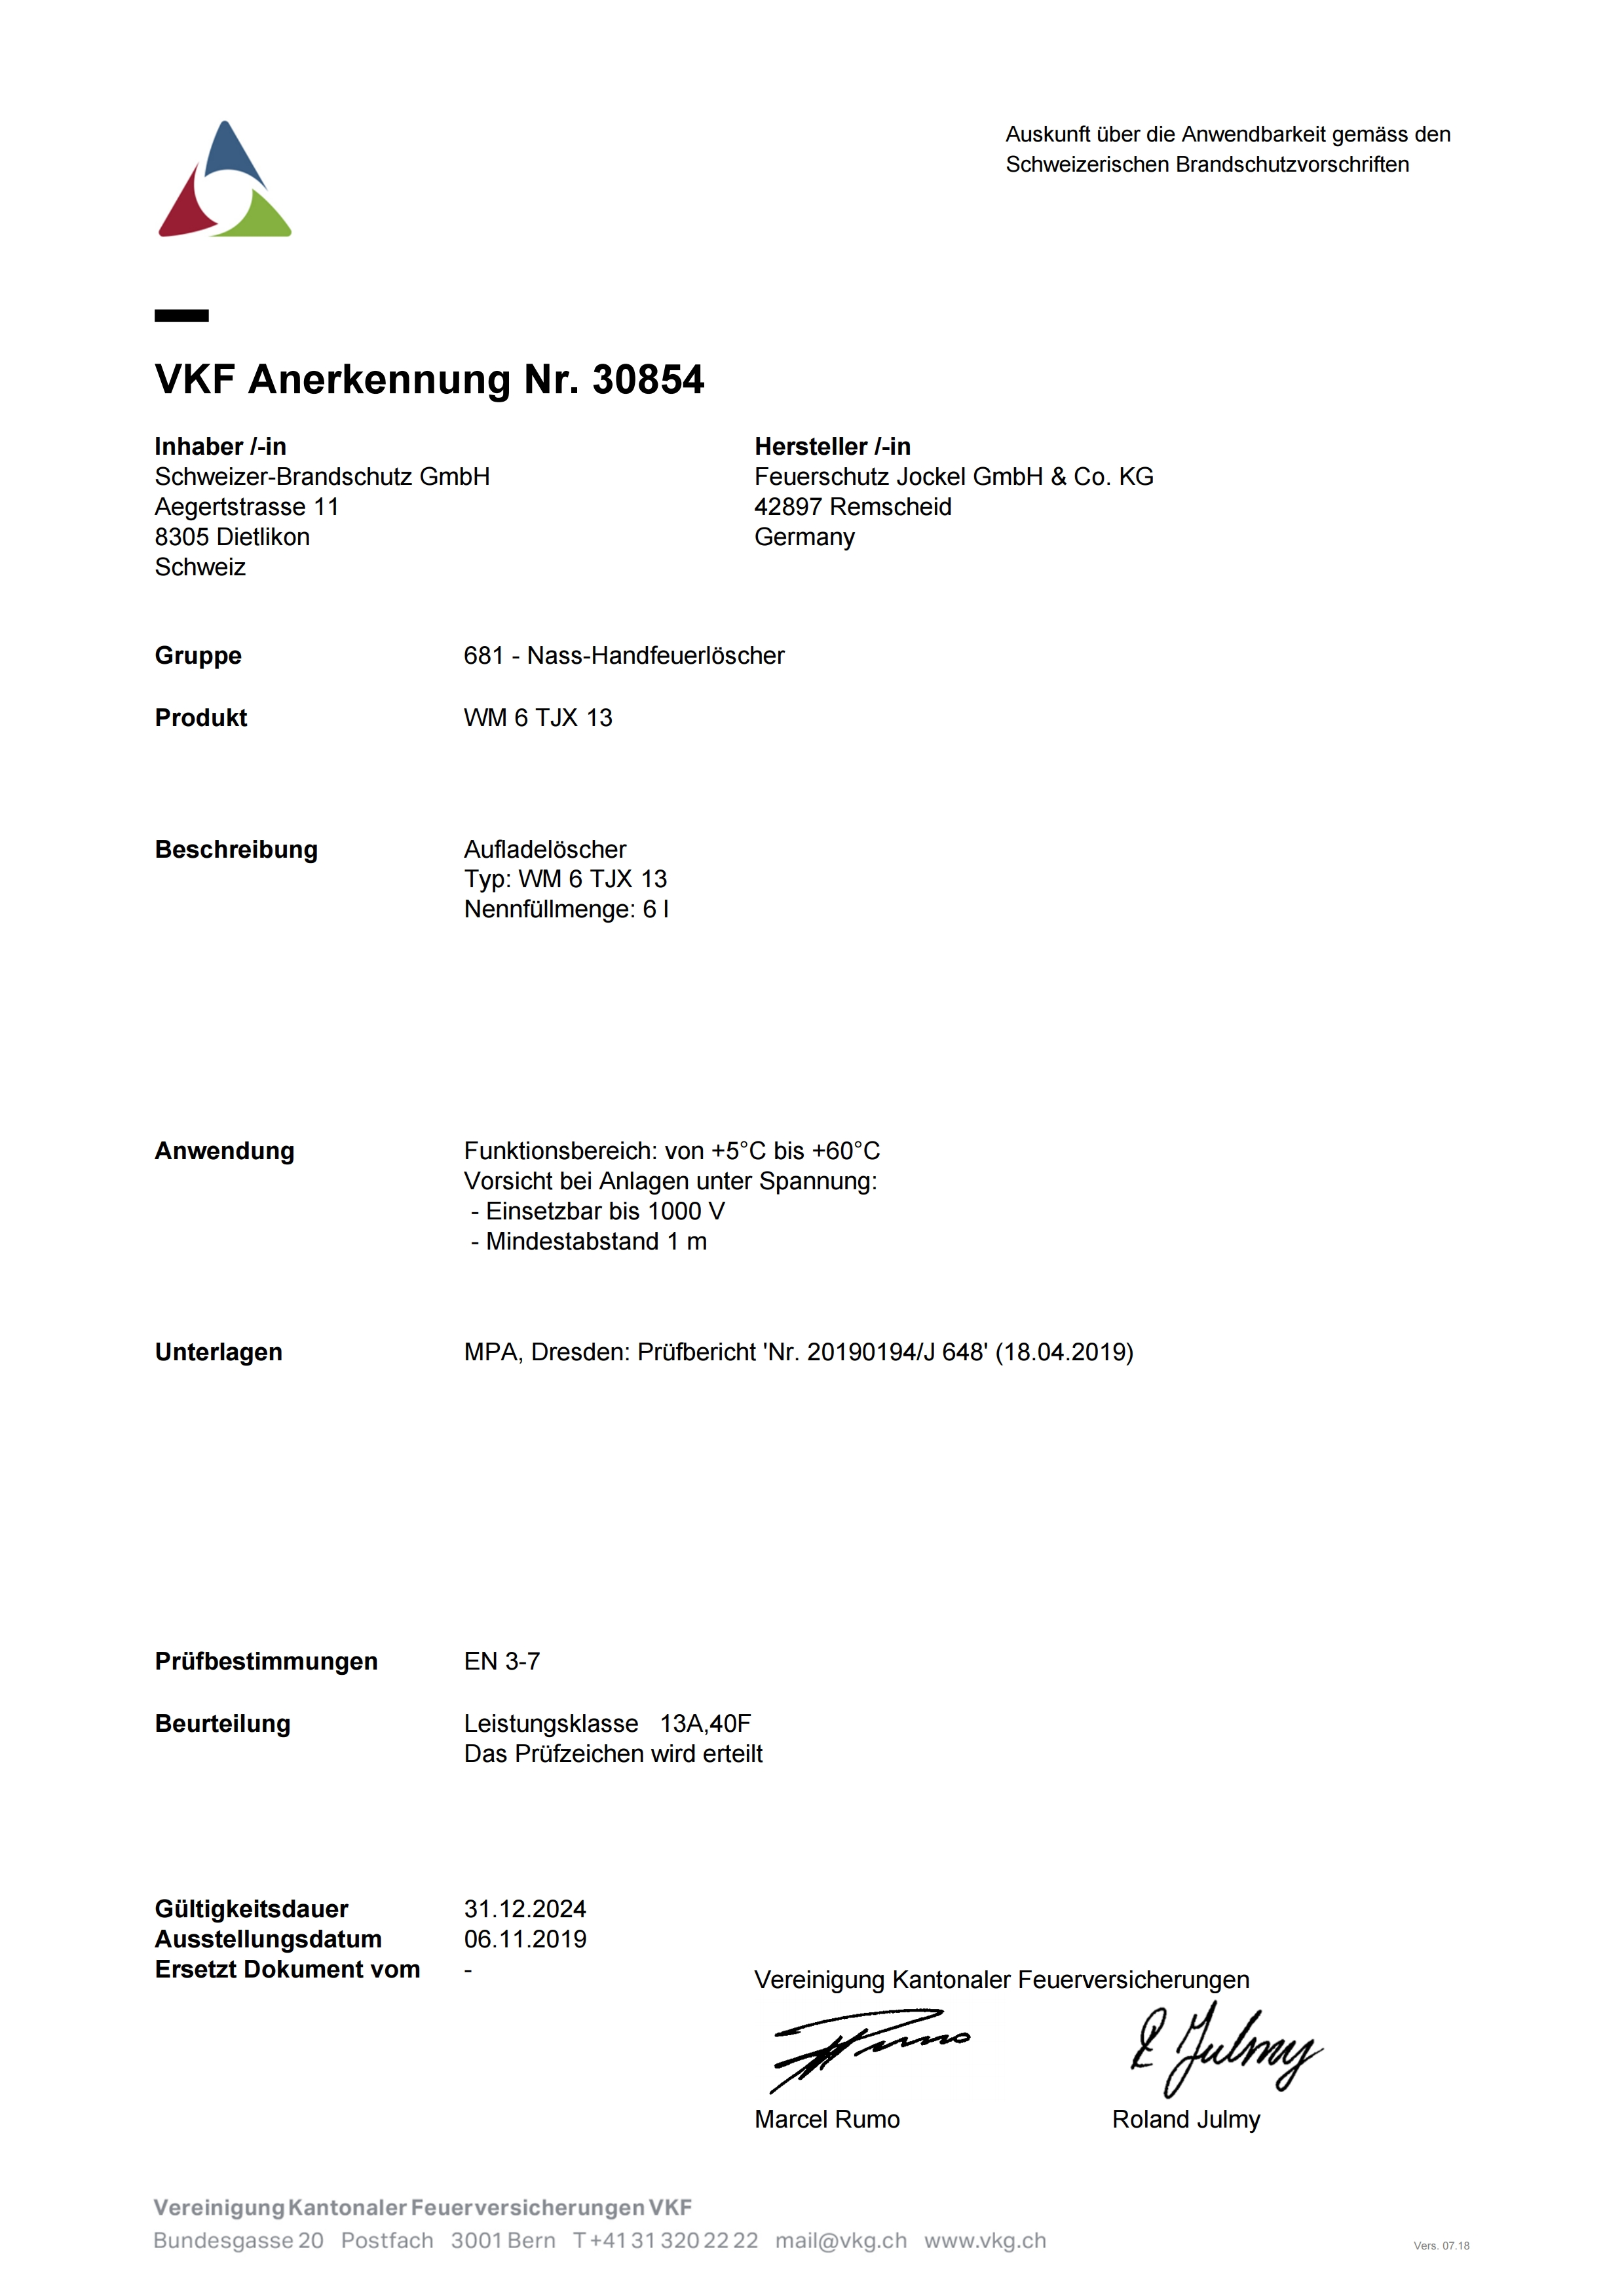 VKF Zulassung Schaum Feuerlöscher 6 Liter